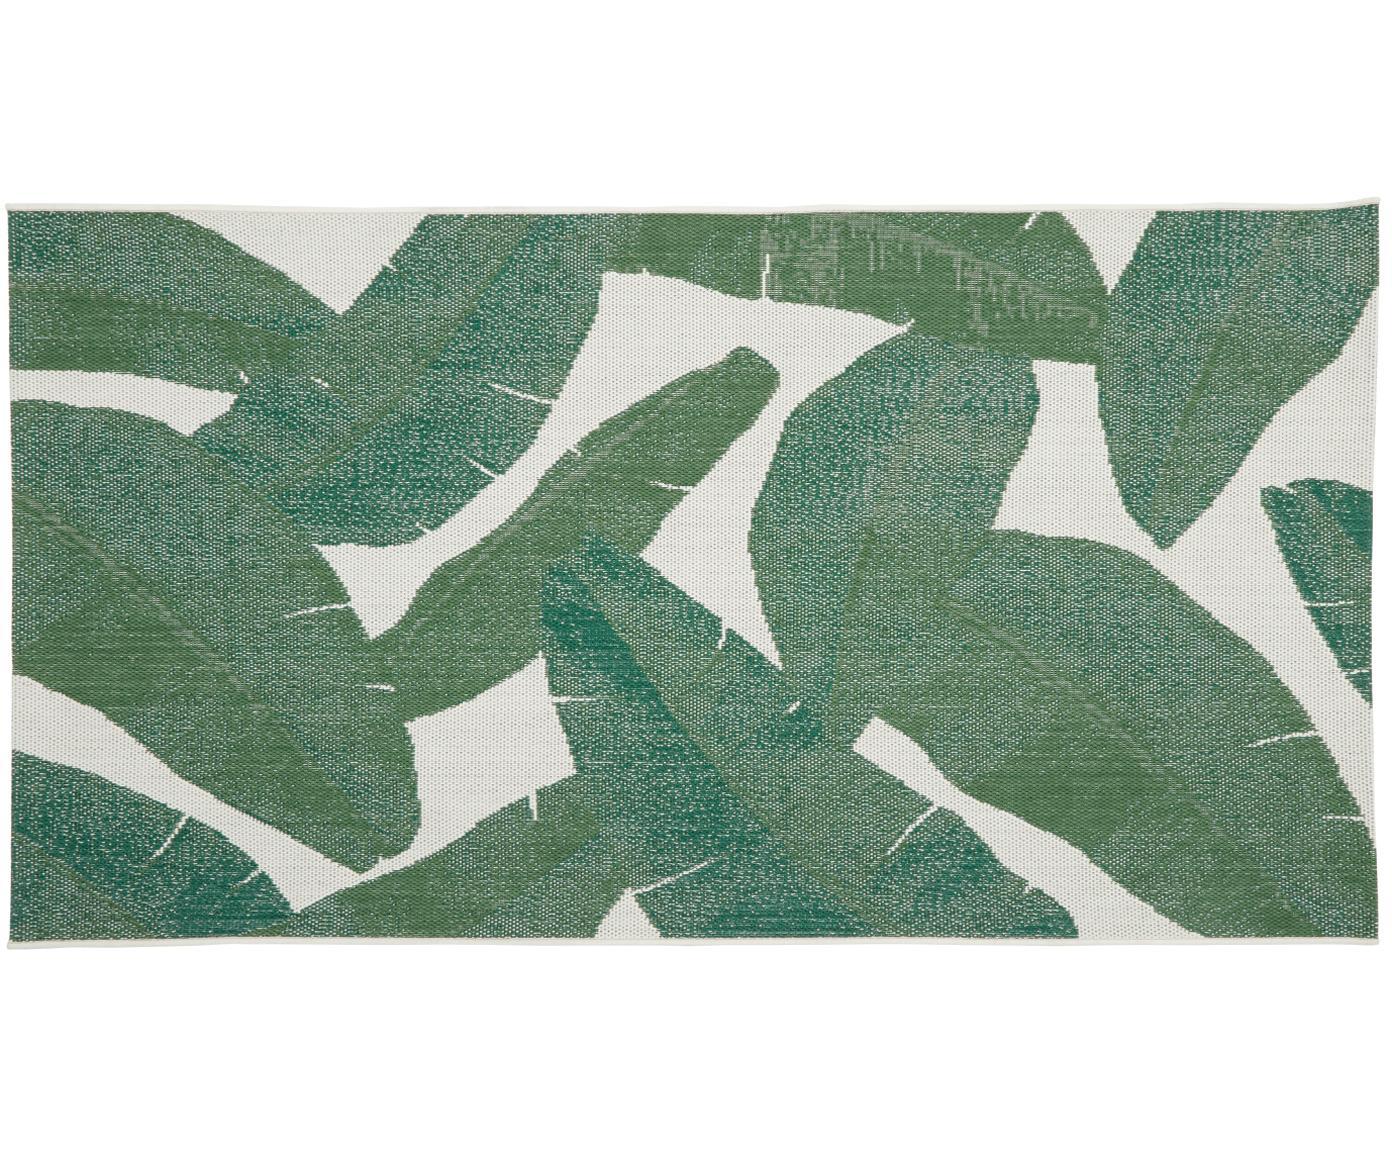 In- & Outdoor-Teppich Jungle mit Blattmuster, Flor: 100% Polypropylen, Cremeweiss, Grün, B 80 x L 150 cm (Grösse XS)